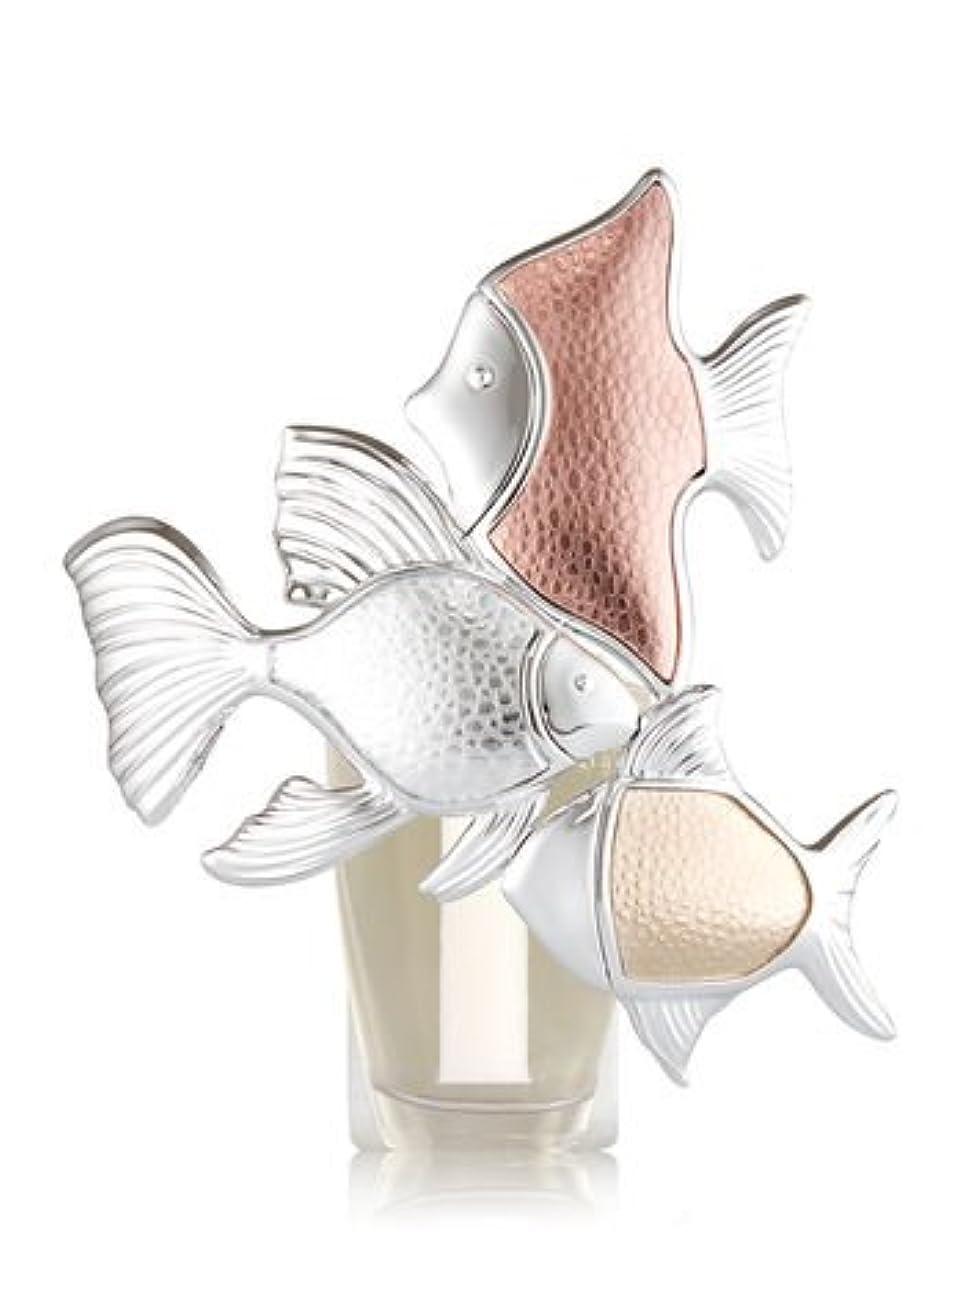 まさに噴火ベックス【Bath&Body Works/バス&ボディワークス】 ルームフレグランス プラグインスターター (本体のみ) メタリックフィッシュトリオナイトライト Wallflowers Fragrance Plug Metallic Fish Trio Night Light [並行輸入品]